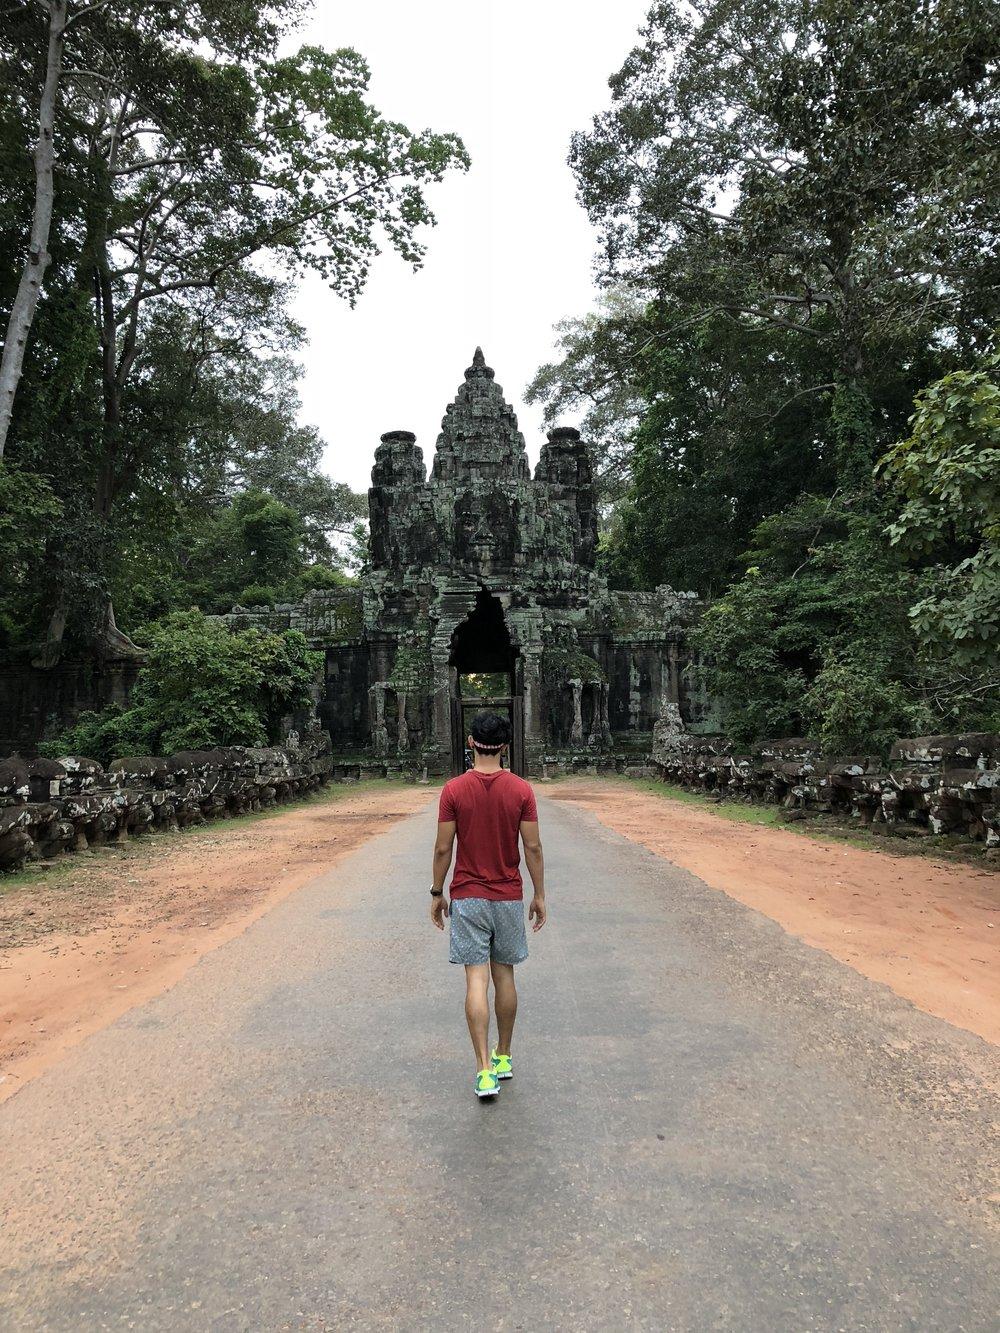 Angkor Thom in Angkor Wat